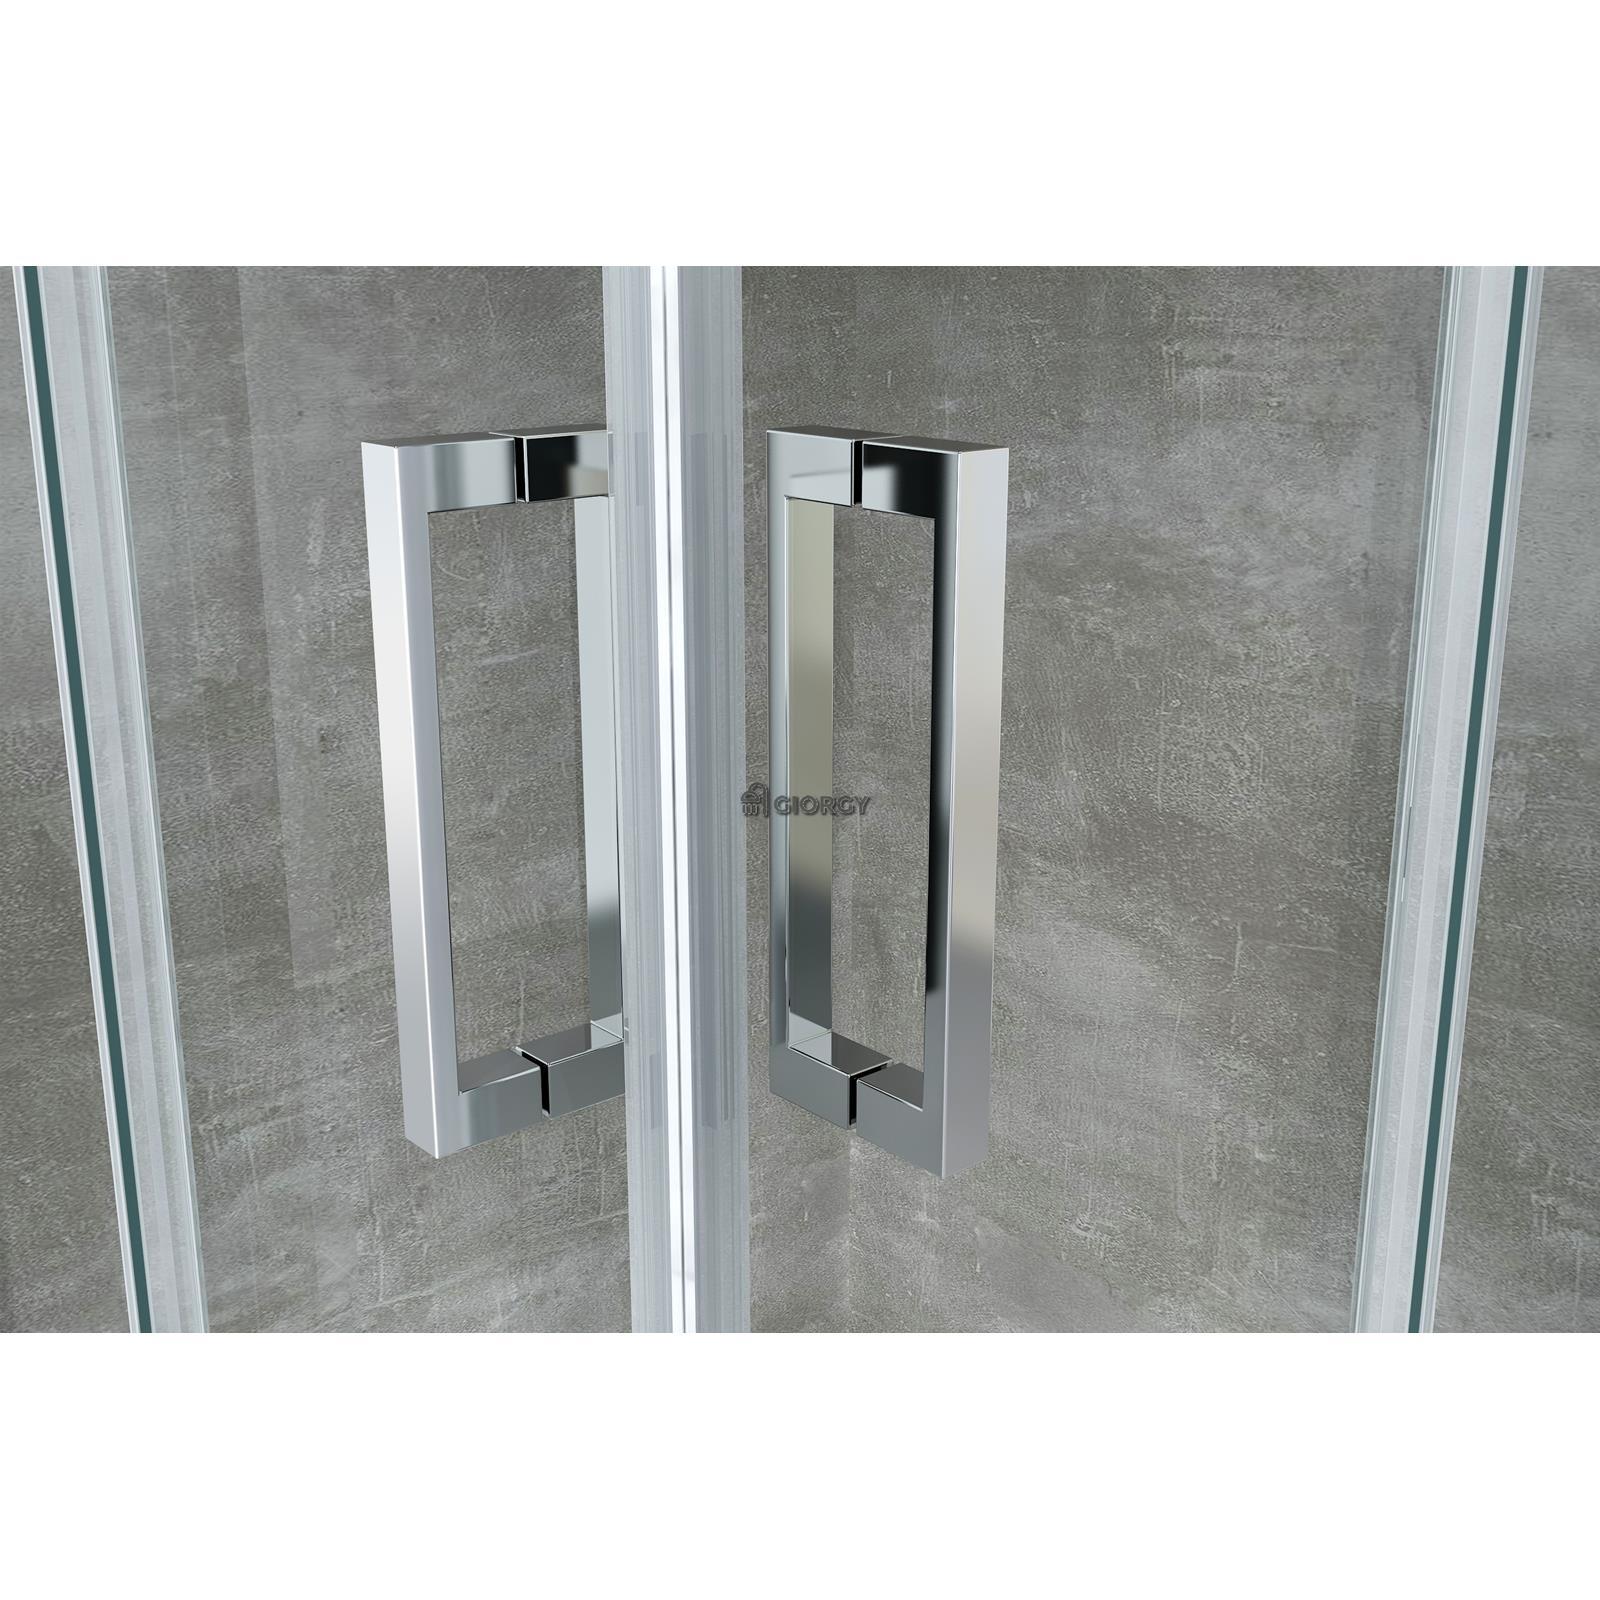 Box cabina doccia bagno angolare scorrevole rettangolare 70 80 90 100 120 140 ebay - Porta scorrevole per bagno ...